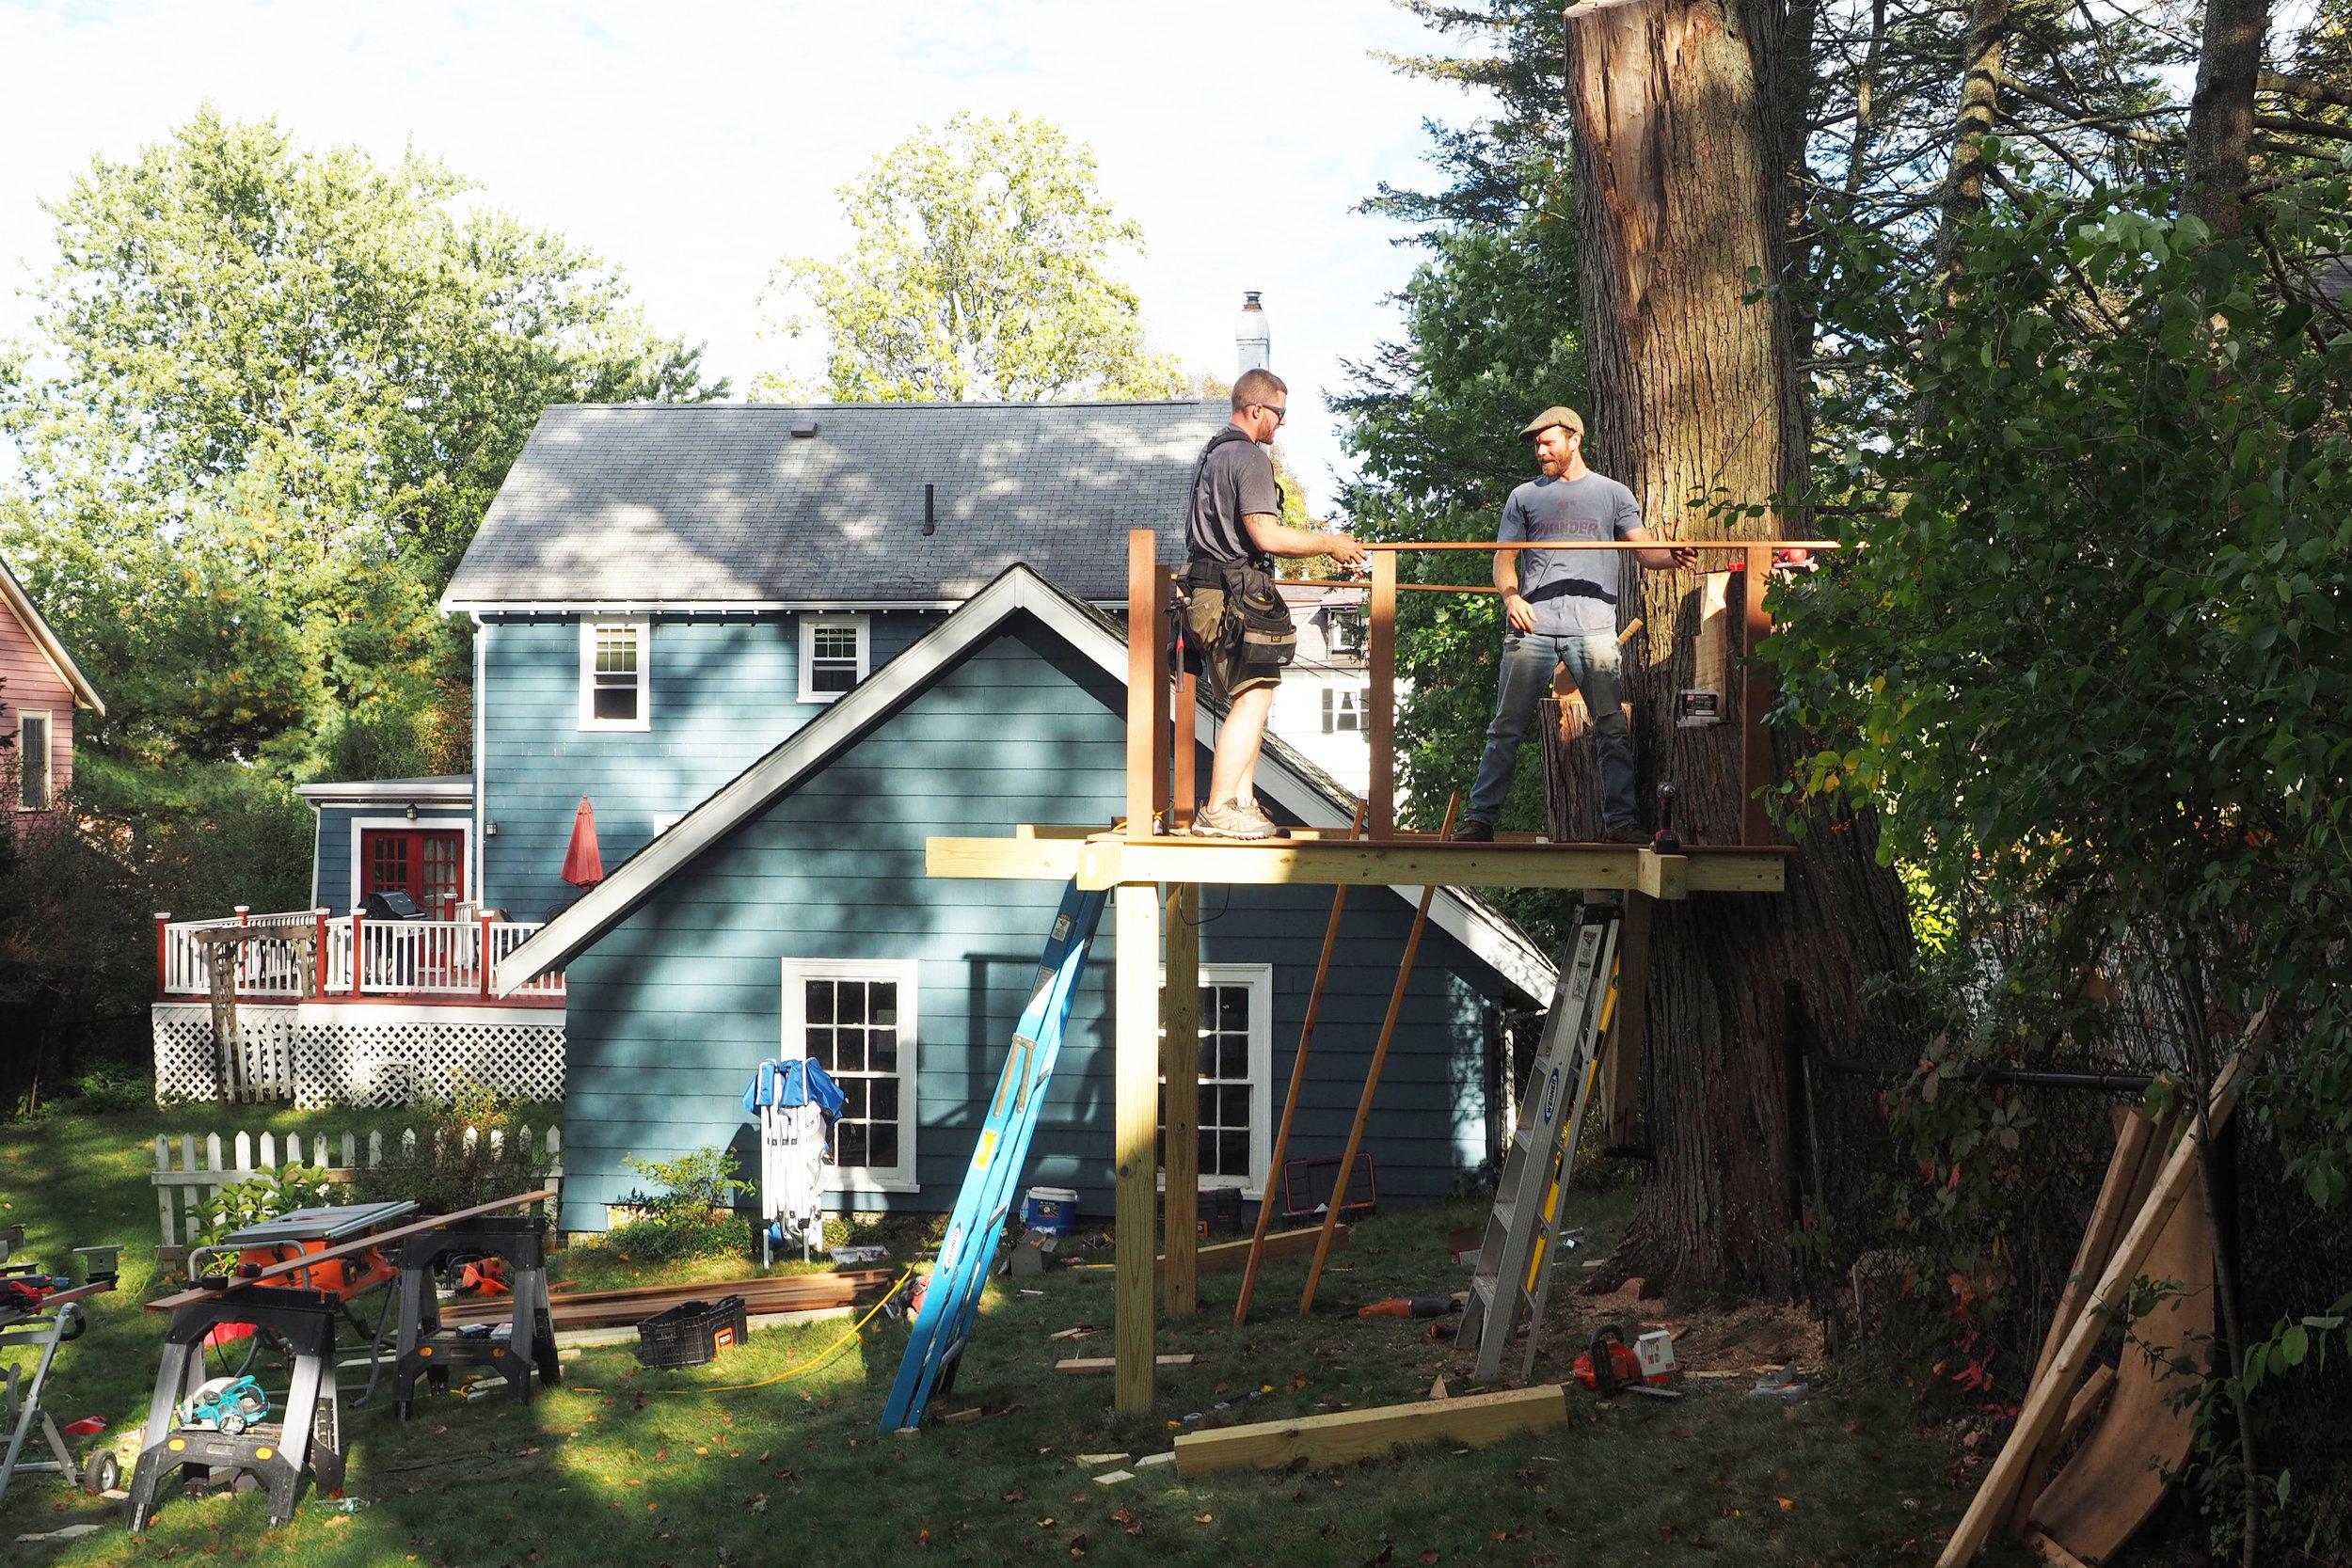 Eddies Tree Treehouses